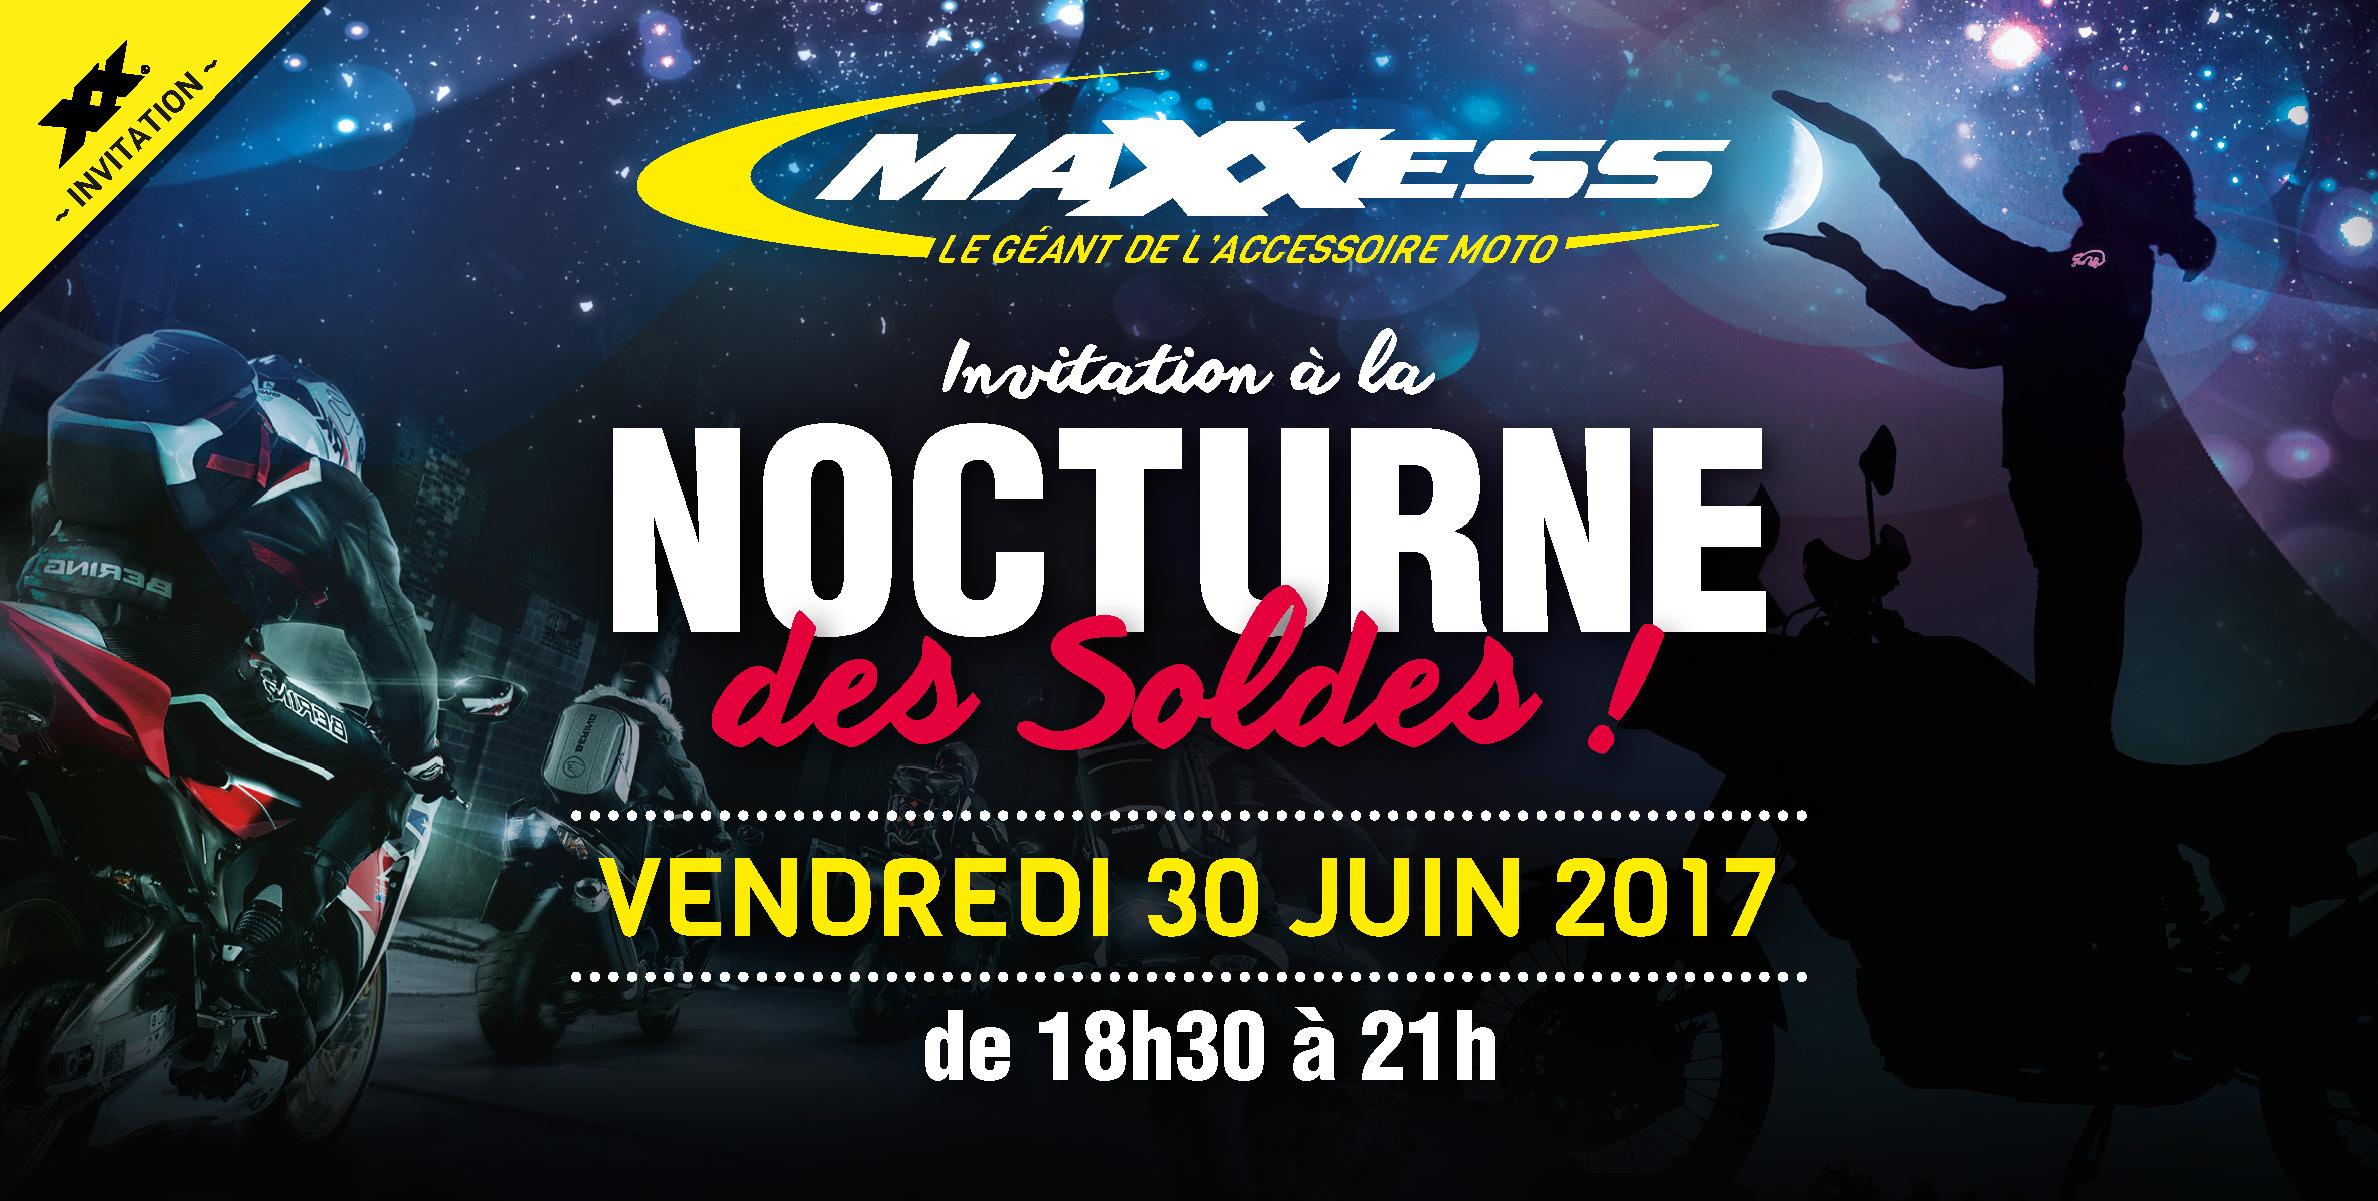 Invitation NOCTURNE Spéciale SOLDES D'été 2017 !